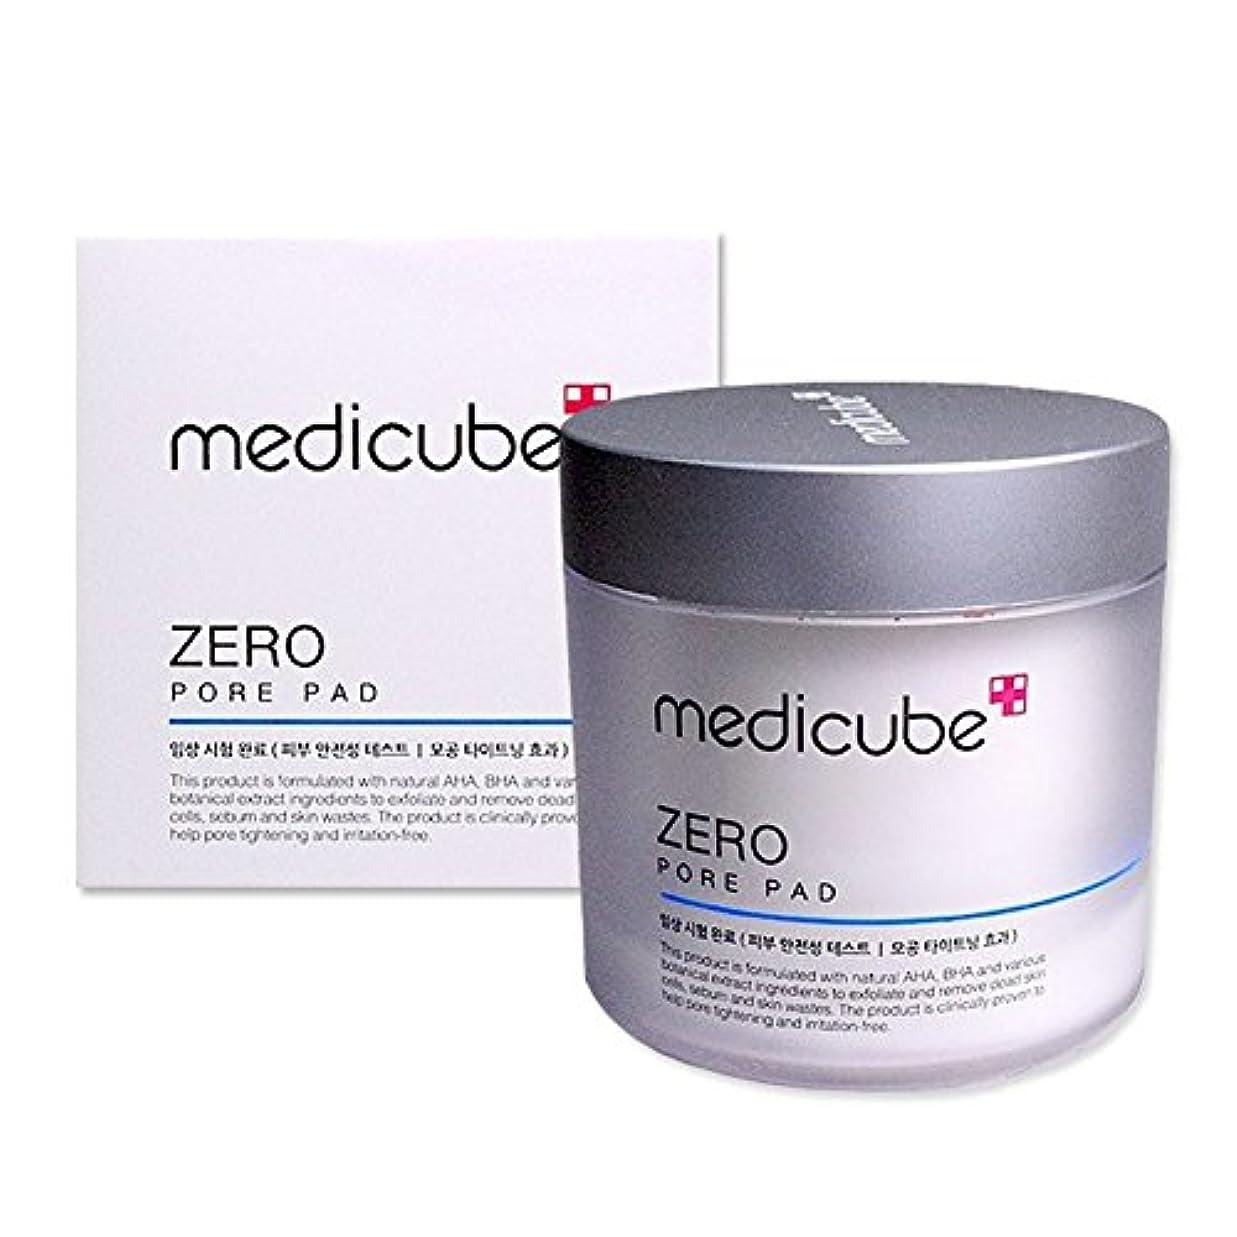 億オレンジデッキメディキューブゼロ毛穴パッド70枚、Medicube Zero Pore Pad 70 pads [並行輸入品]